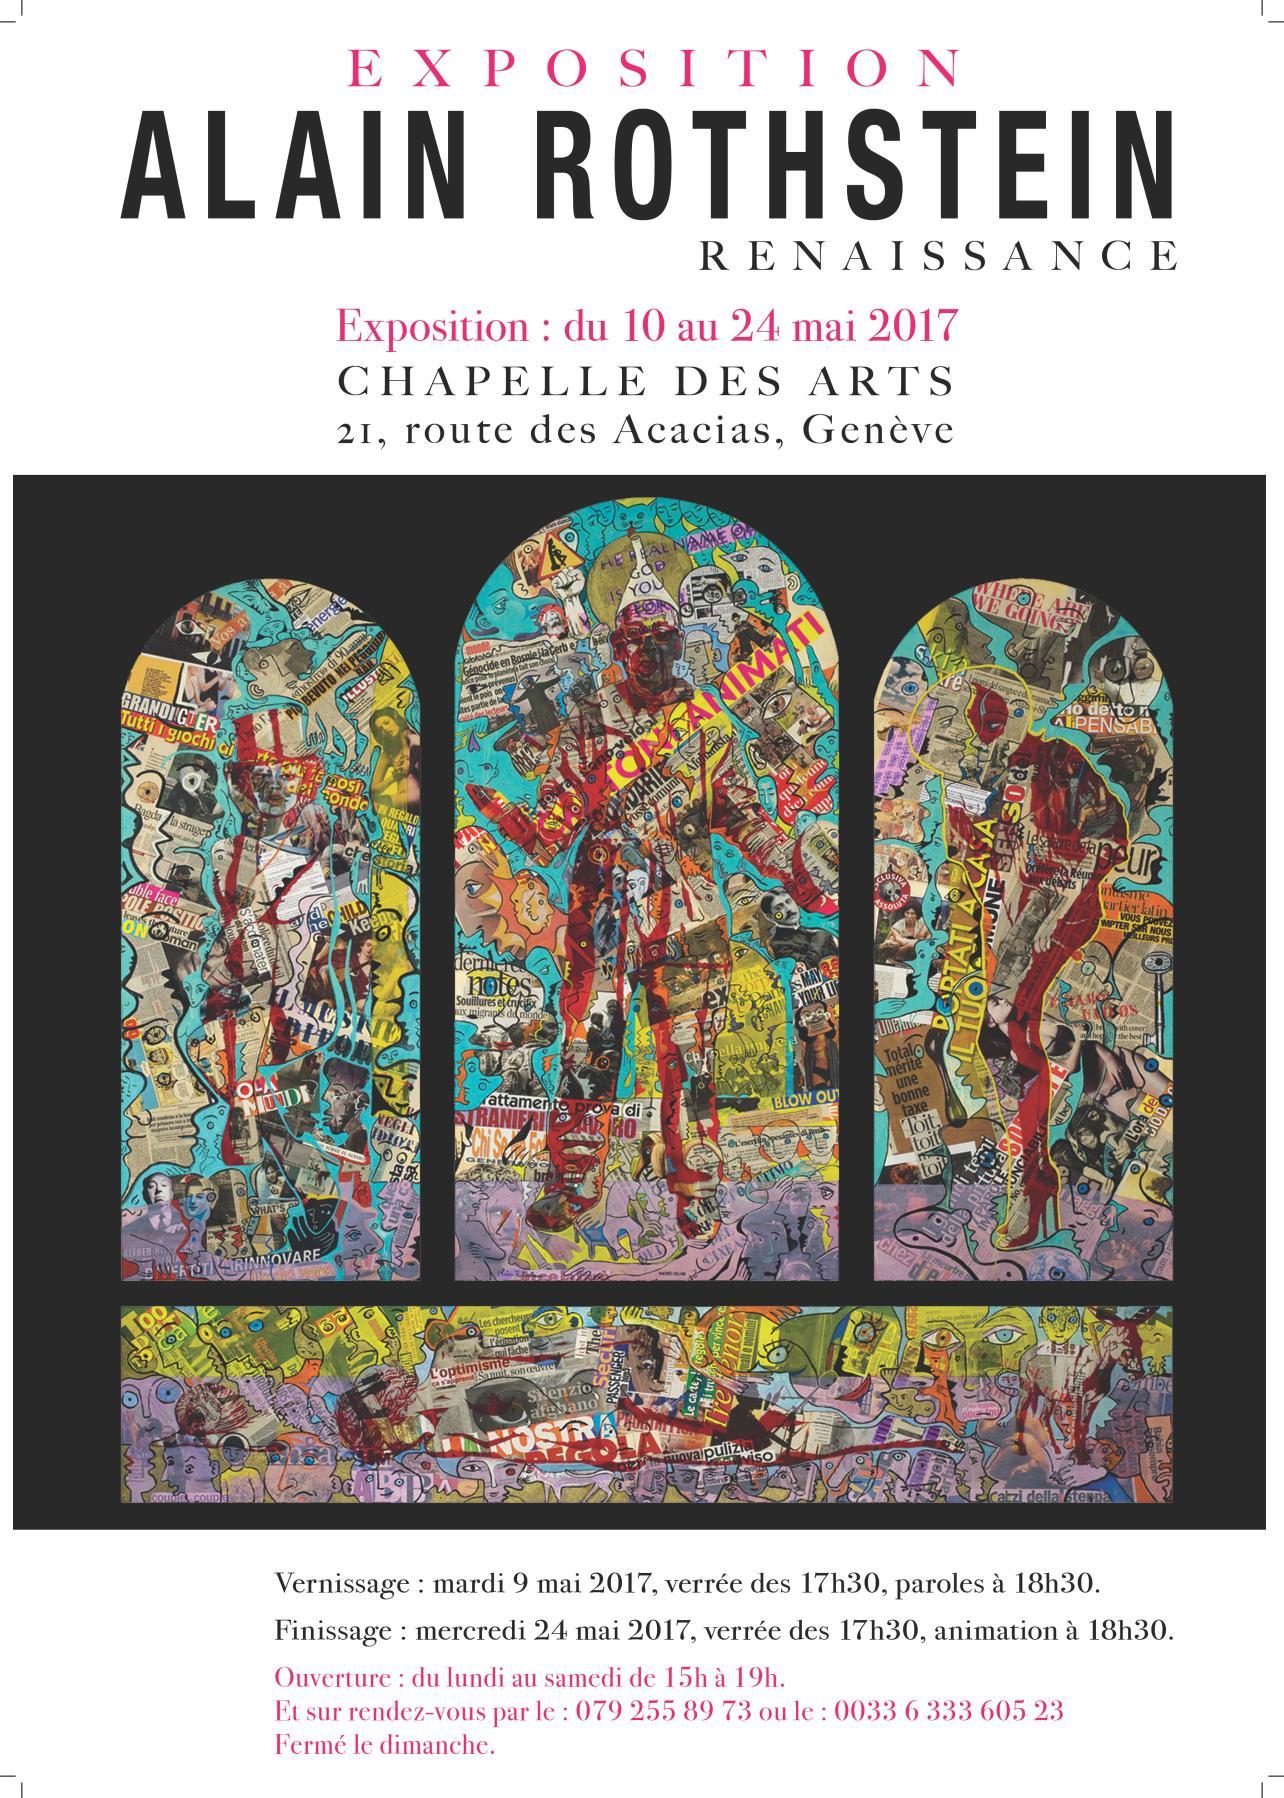 Exposition Alain Rothstein Chapelle des Arts, Genève : 10 au 24 mai 2017